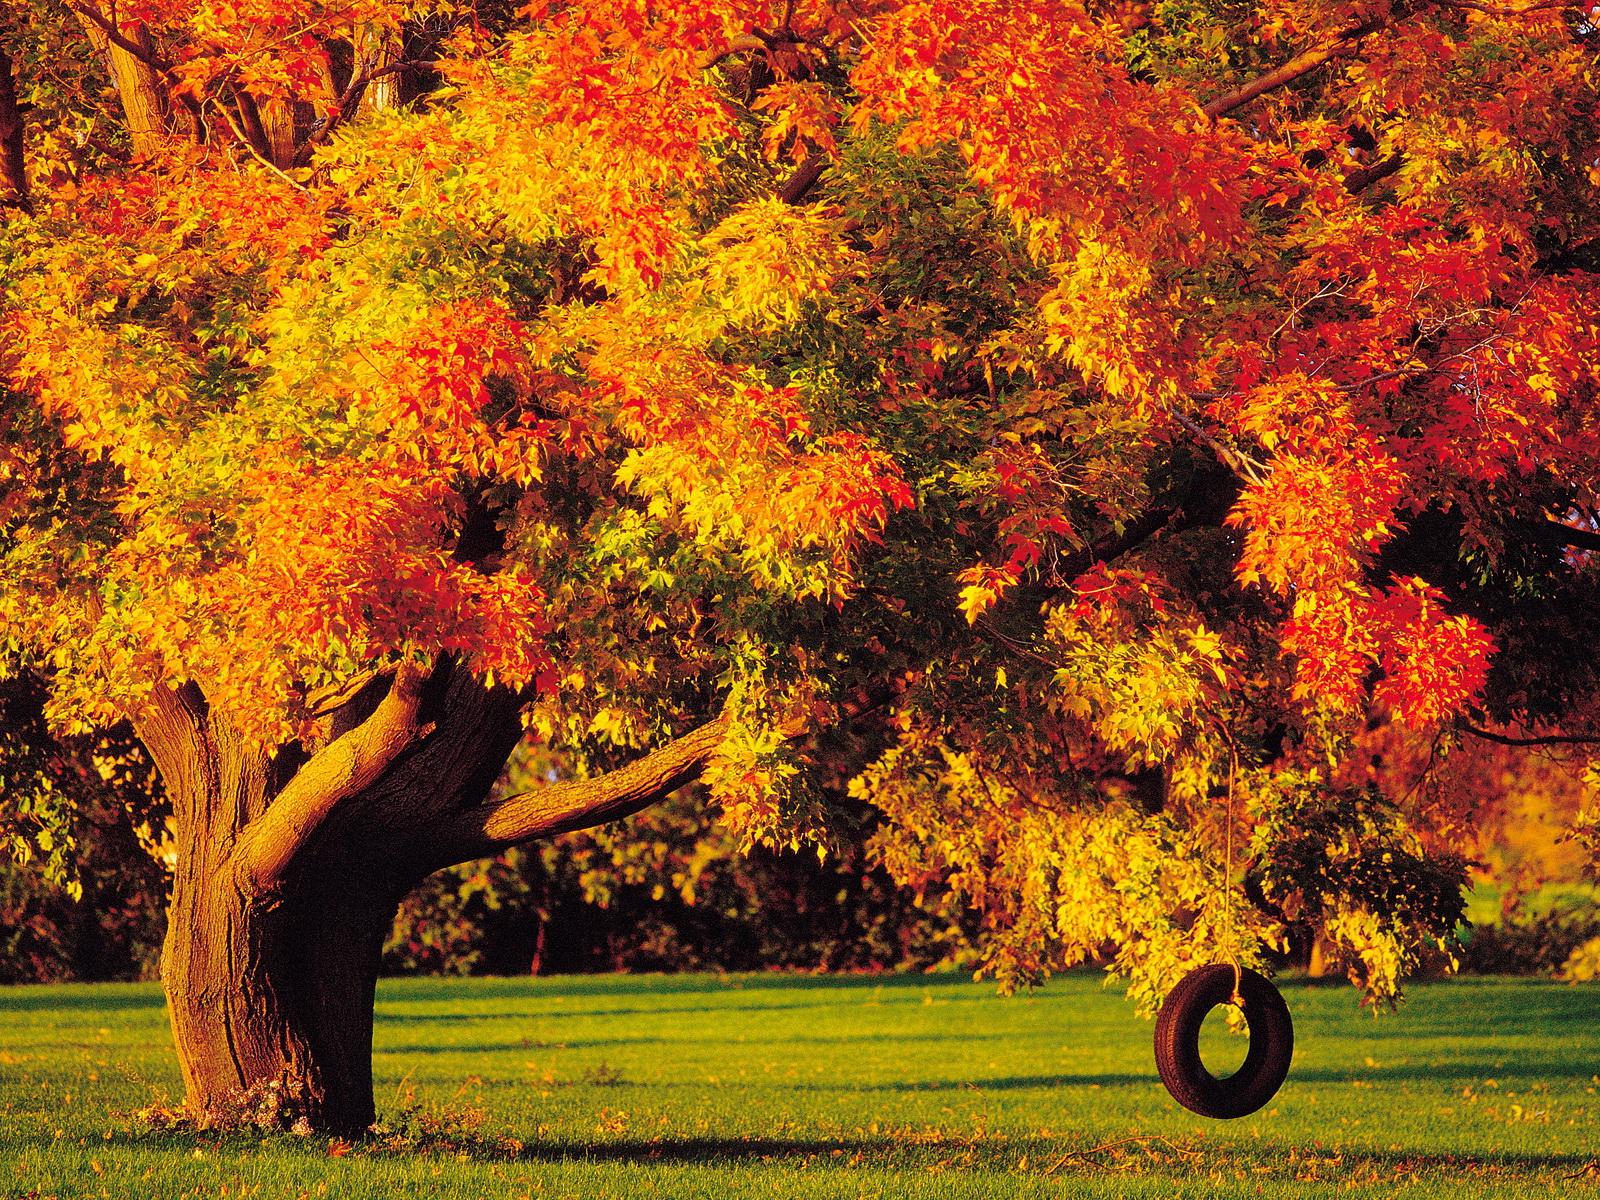 осеннее дерево бесплатно